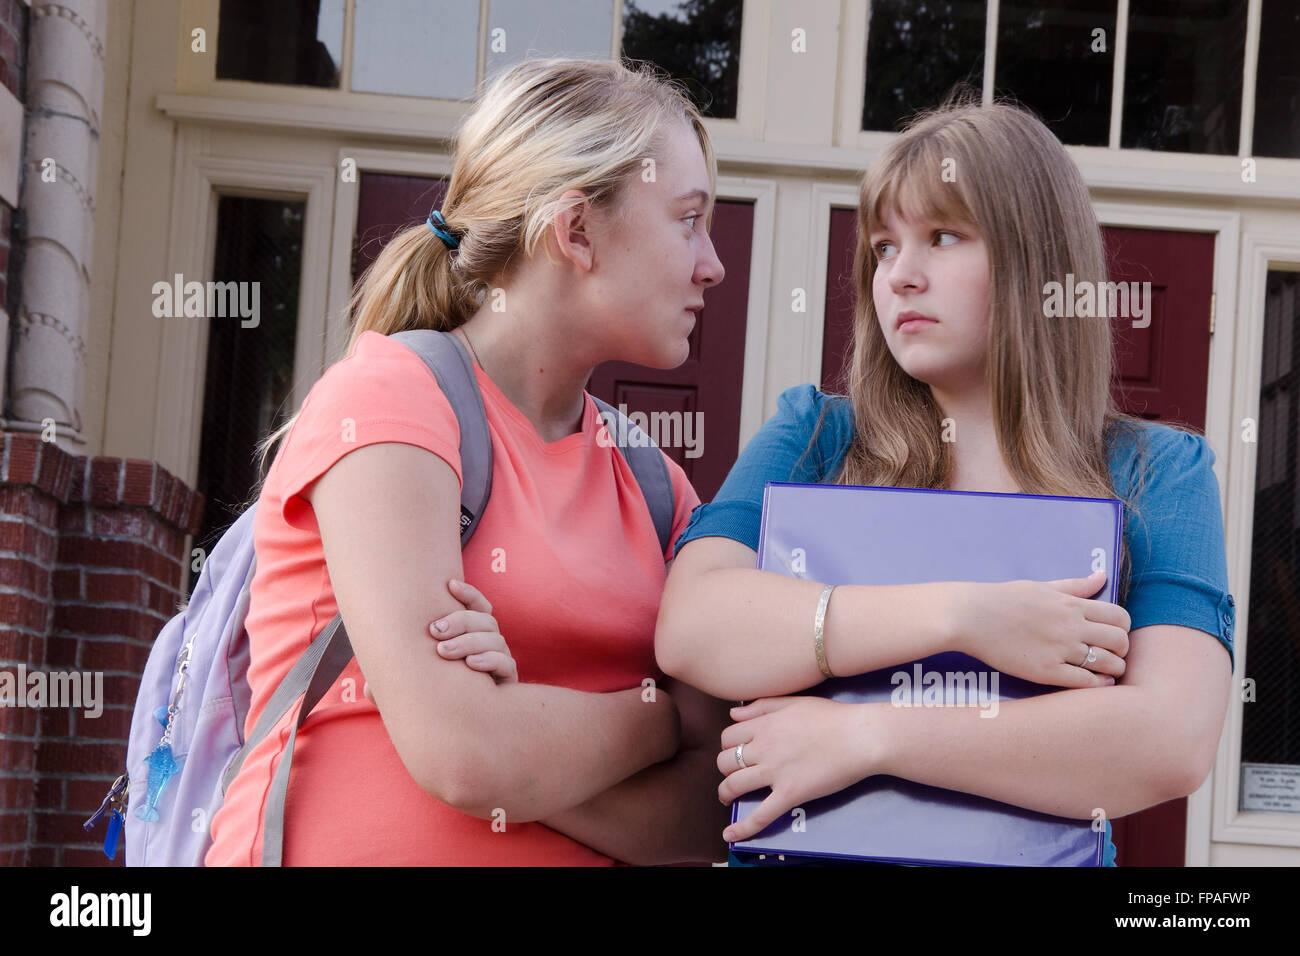 Eine aggressive Teengirl schüchtert ein anderes Mädchen vor ihrer Schule, wahrscheinlich über einen Stockbild